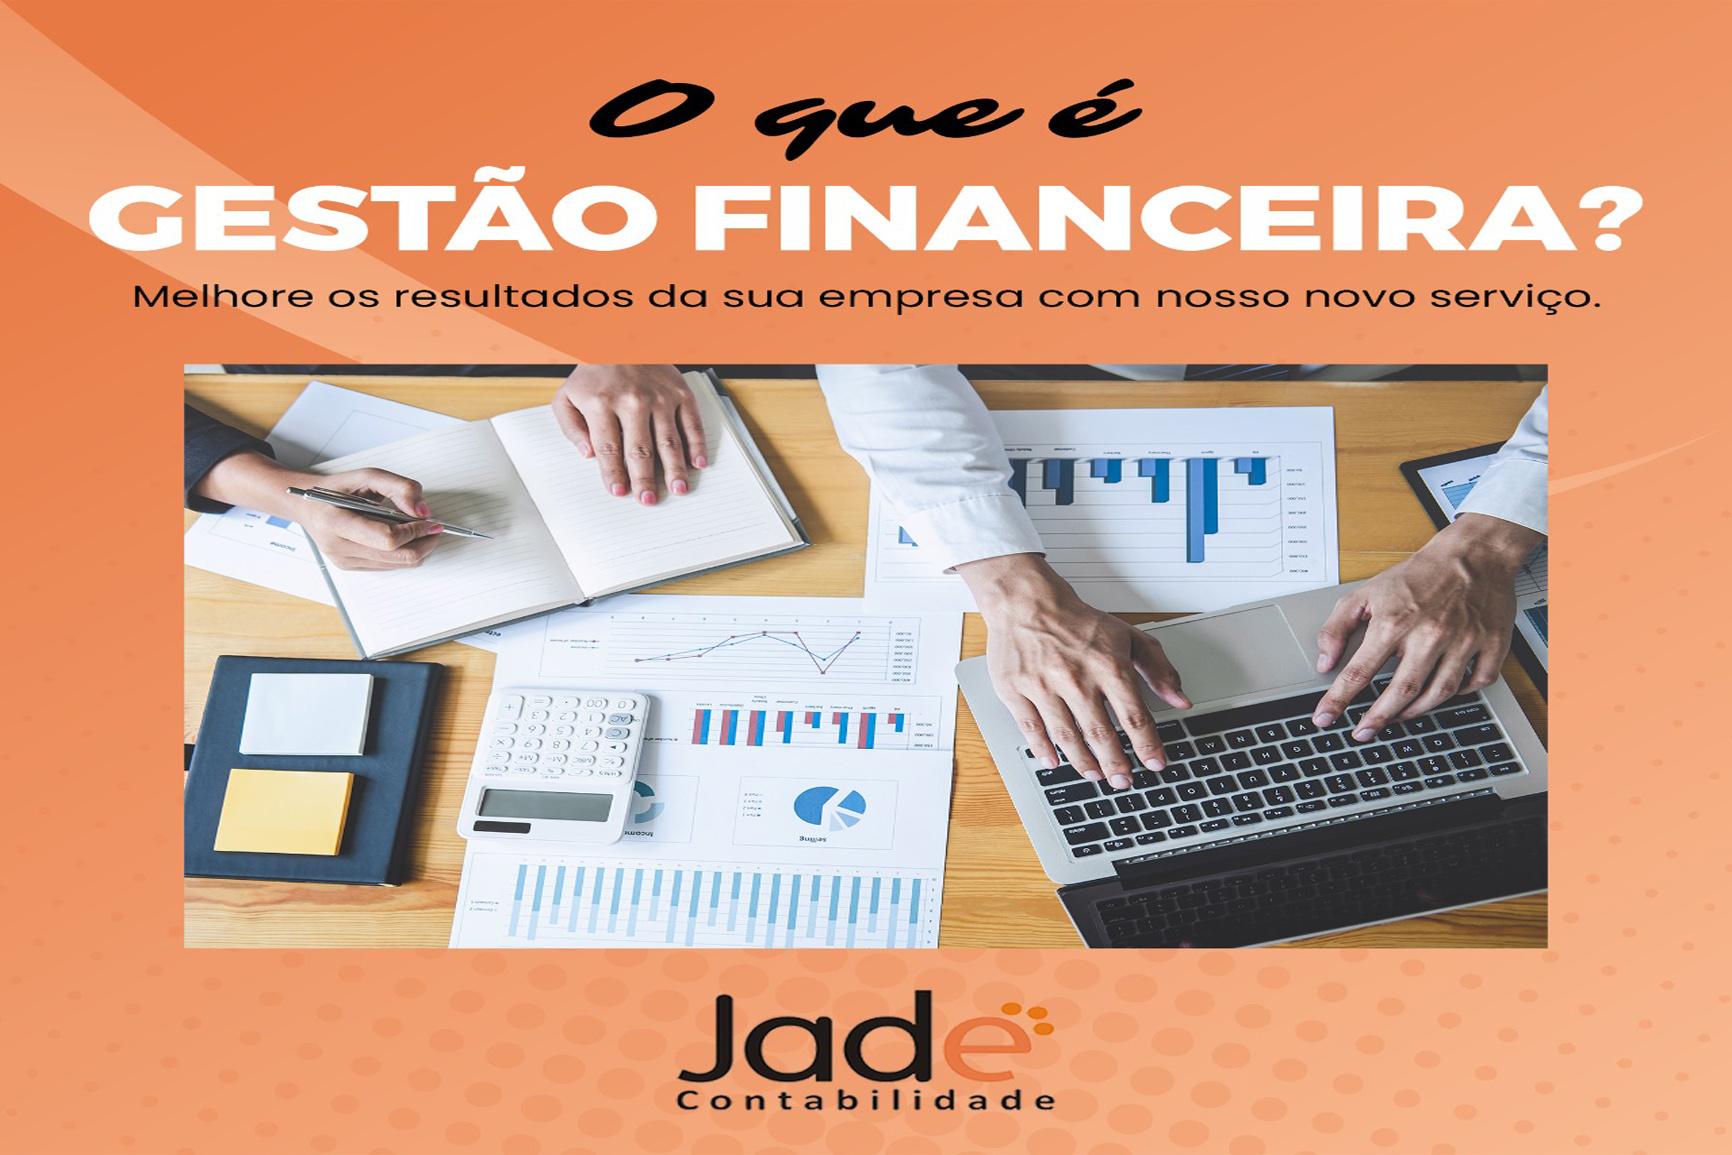 Gestão financeira: entenda a importância para o sucesso de sua empresa